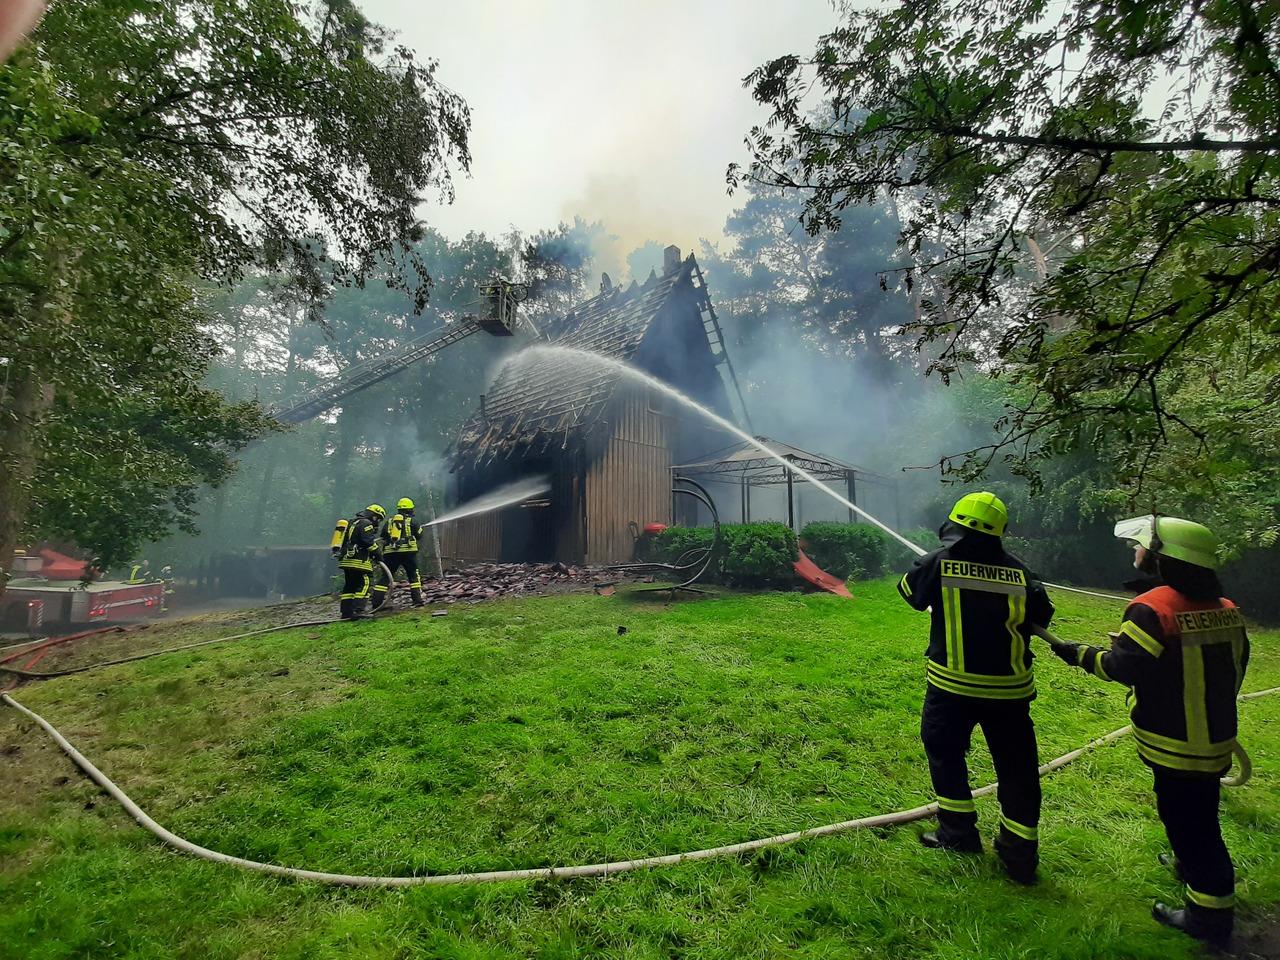 Nach dem Brand: Das Einfamilienhaus in Holzbauweise ist unbewohnbar.